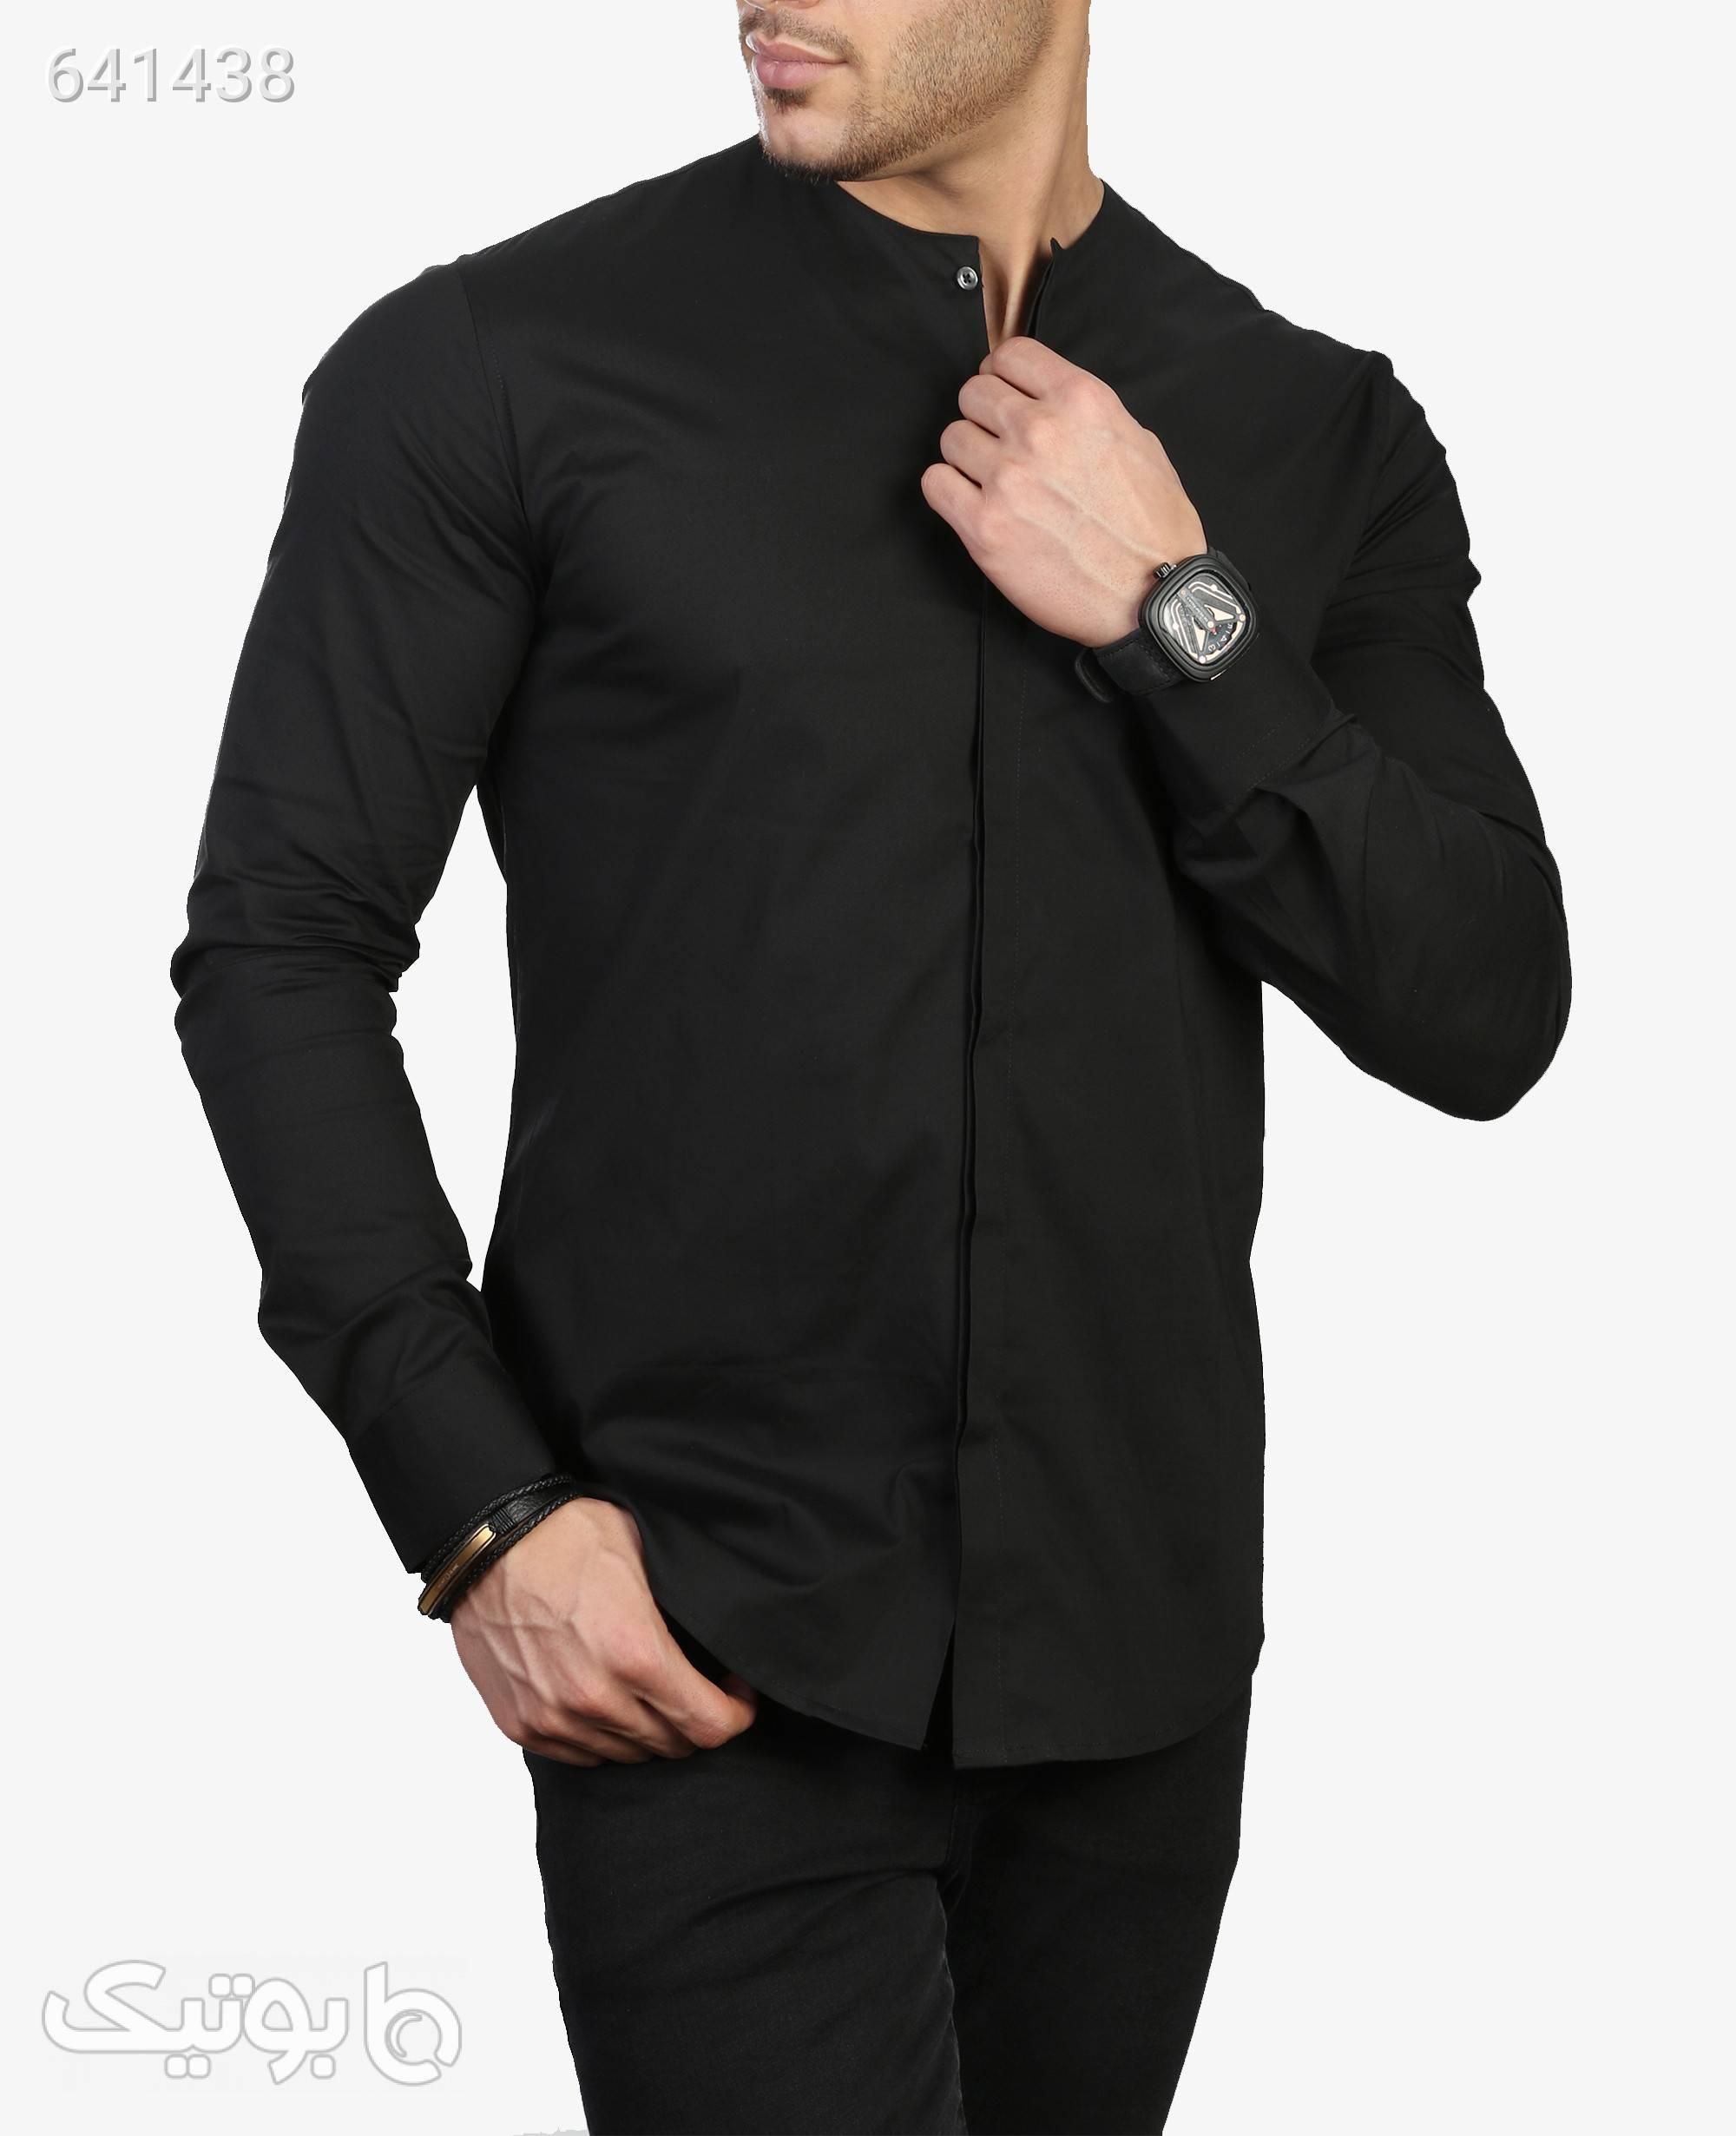 پیراهن آستین بلند مردانه مدل 3304مشکیS پيراهن مردانه